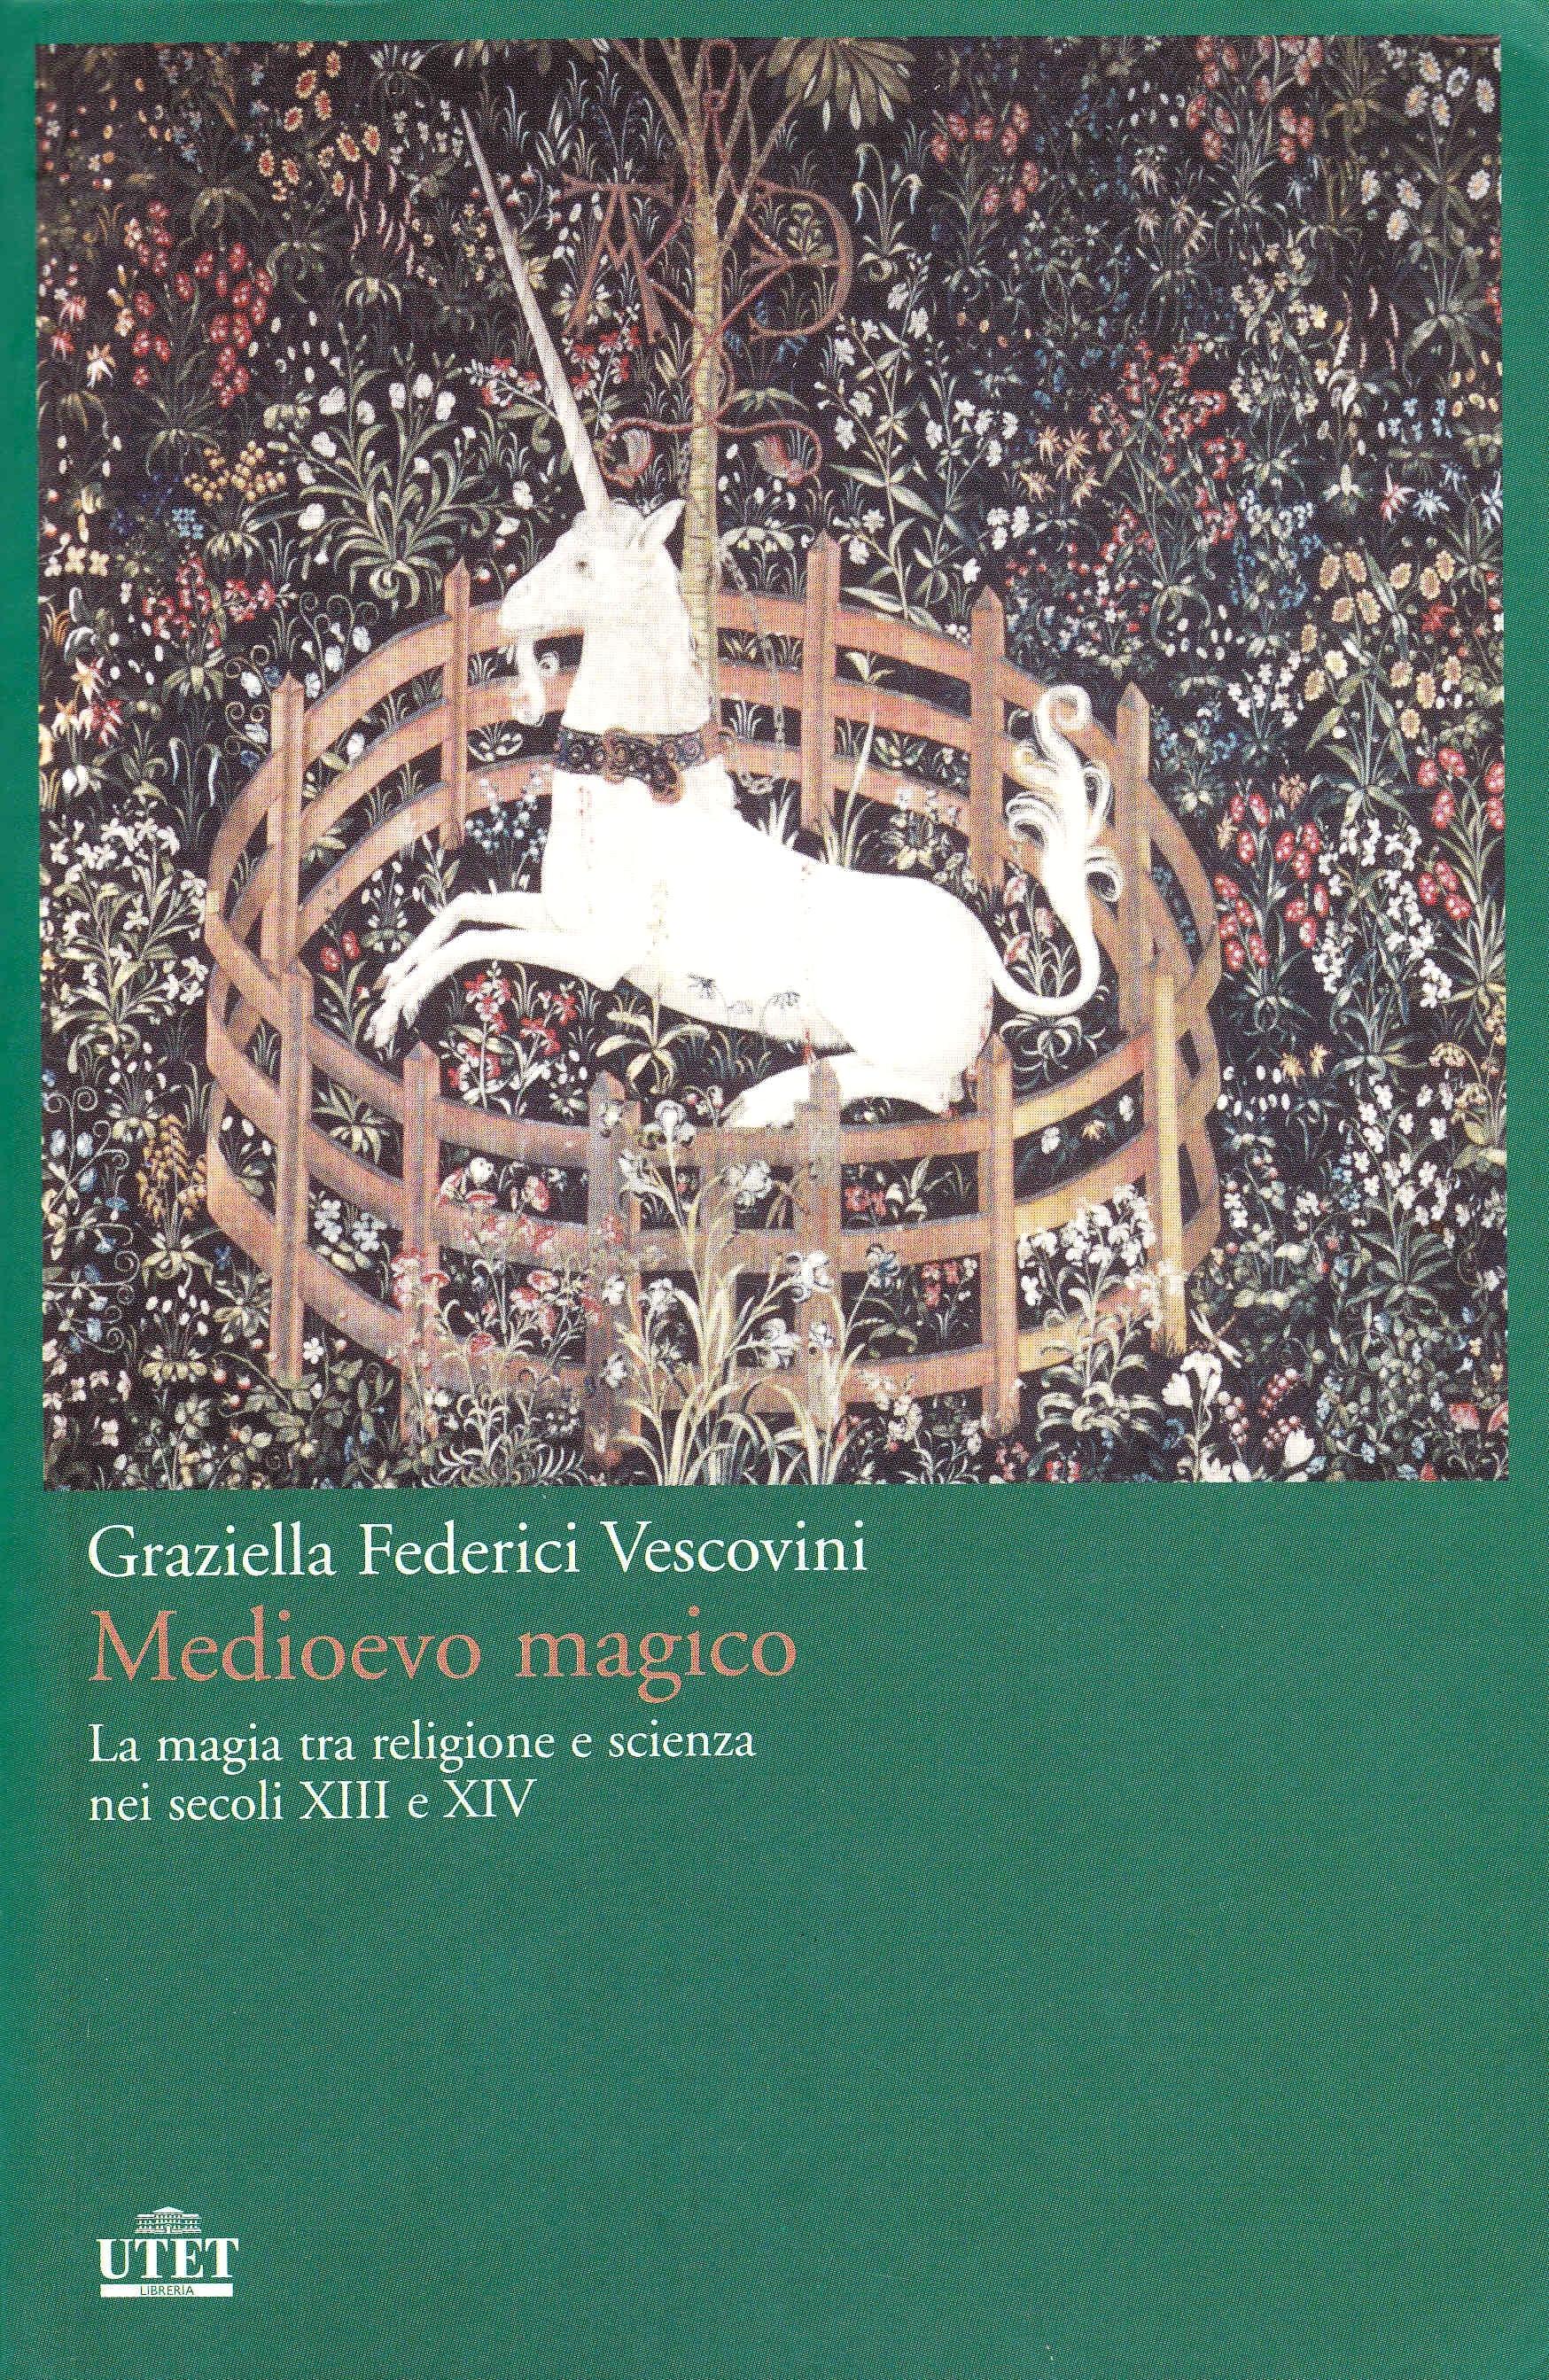 Medioevo magico